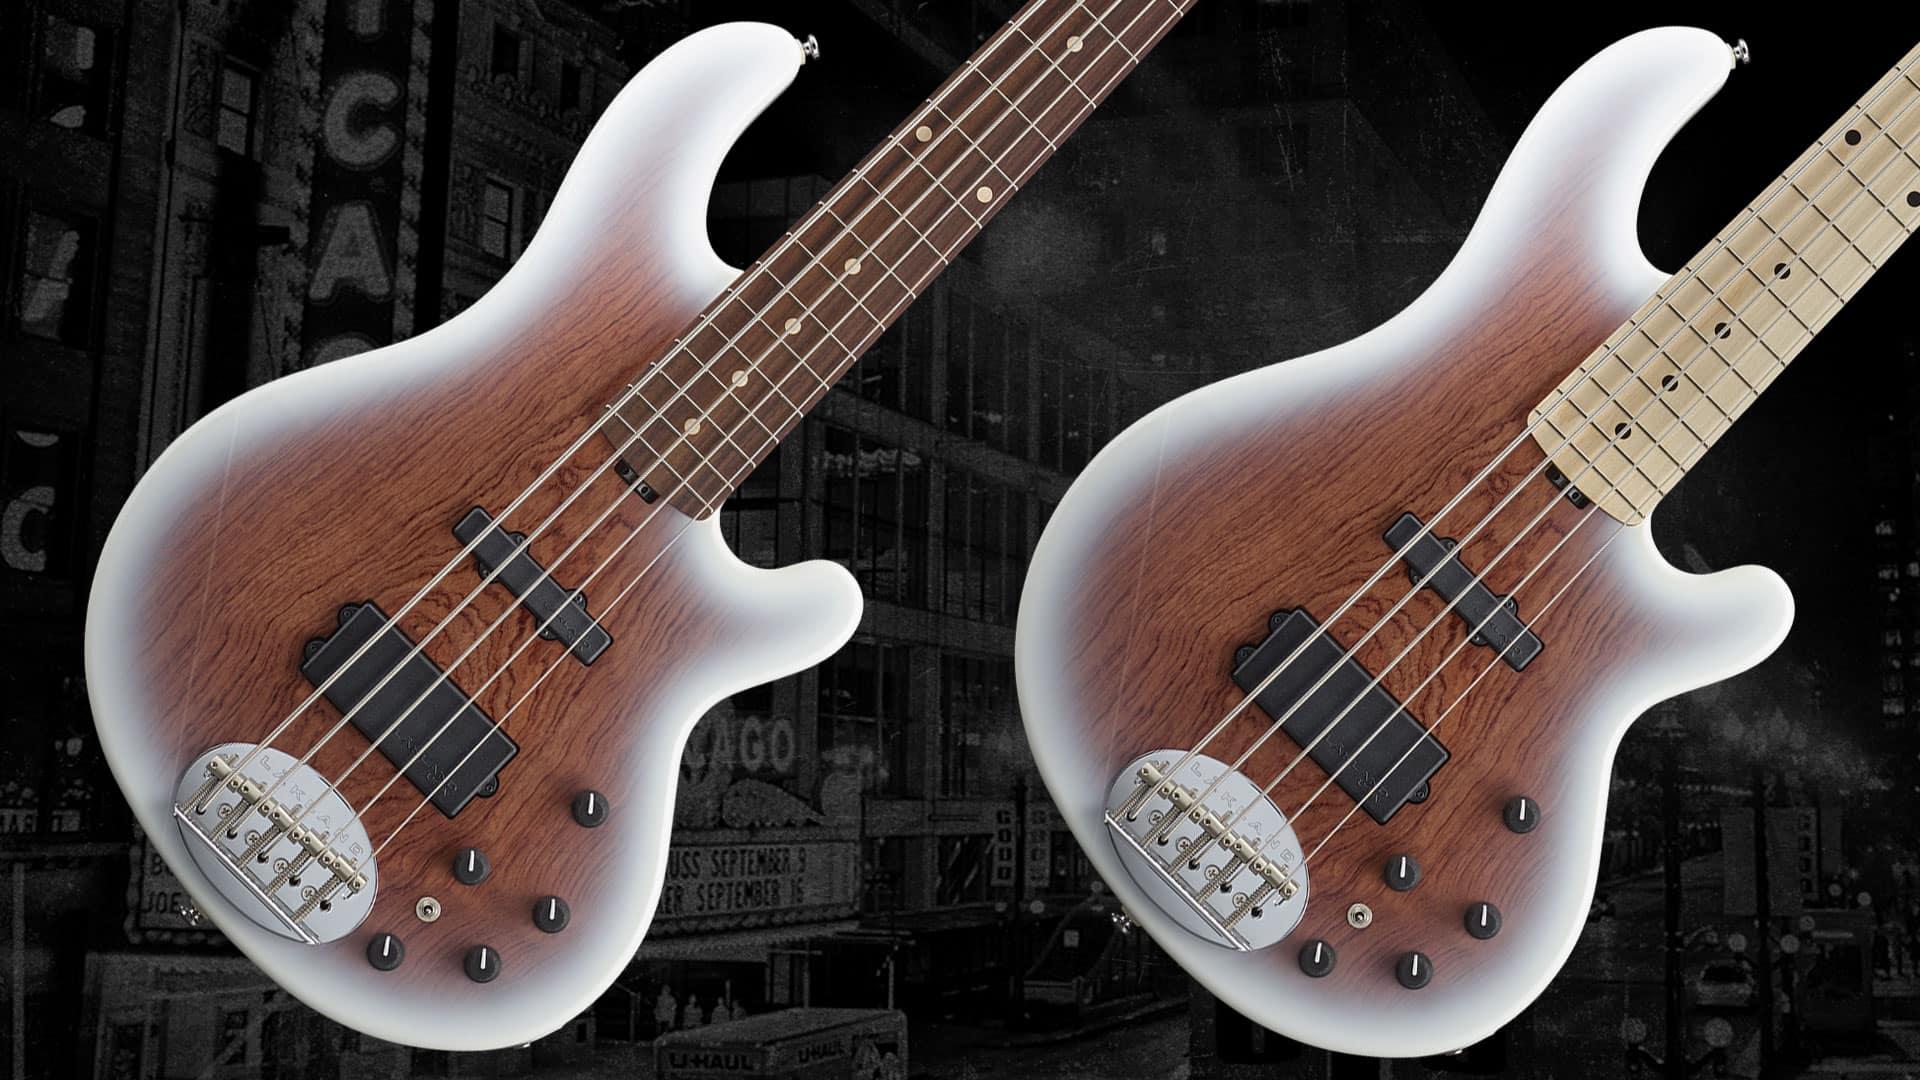 SL55-94 Deluxe Bubinga